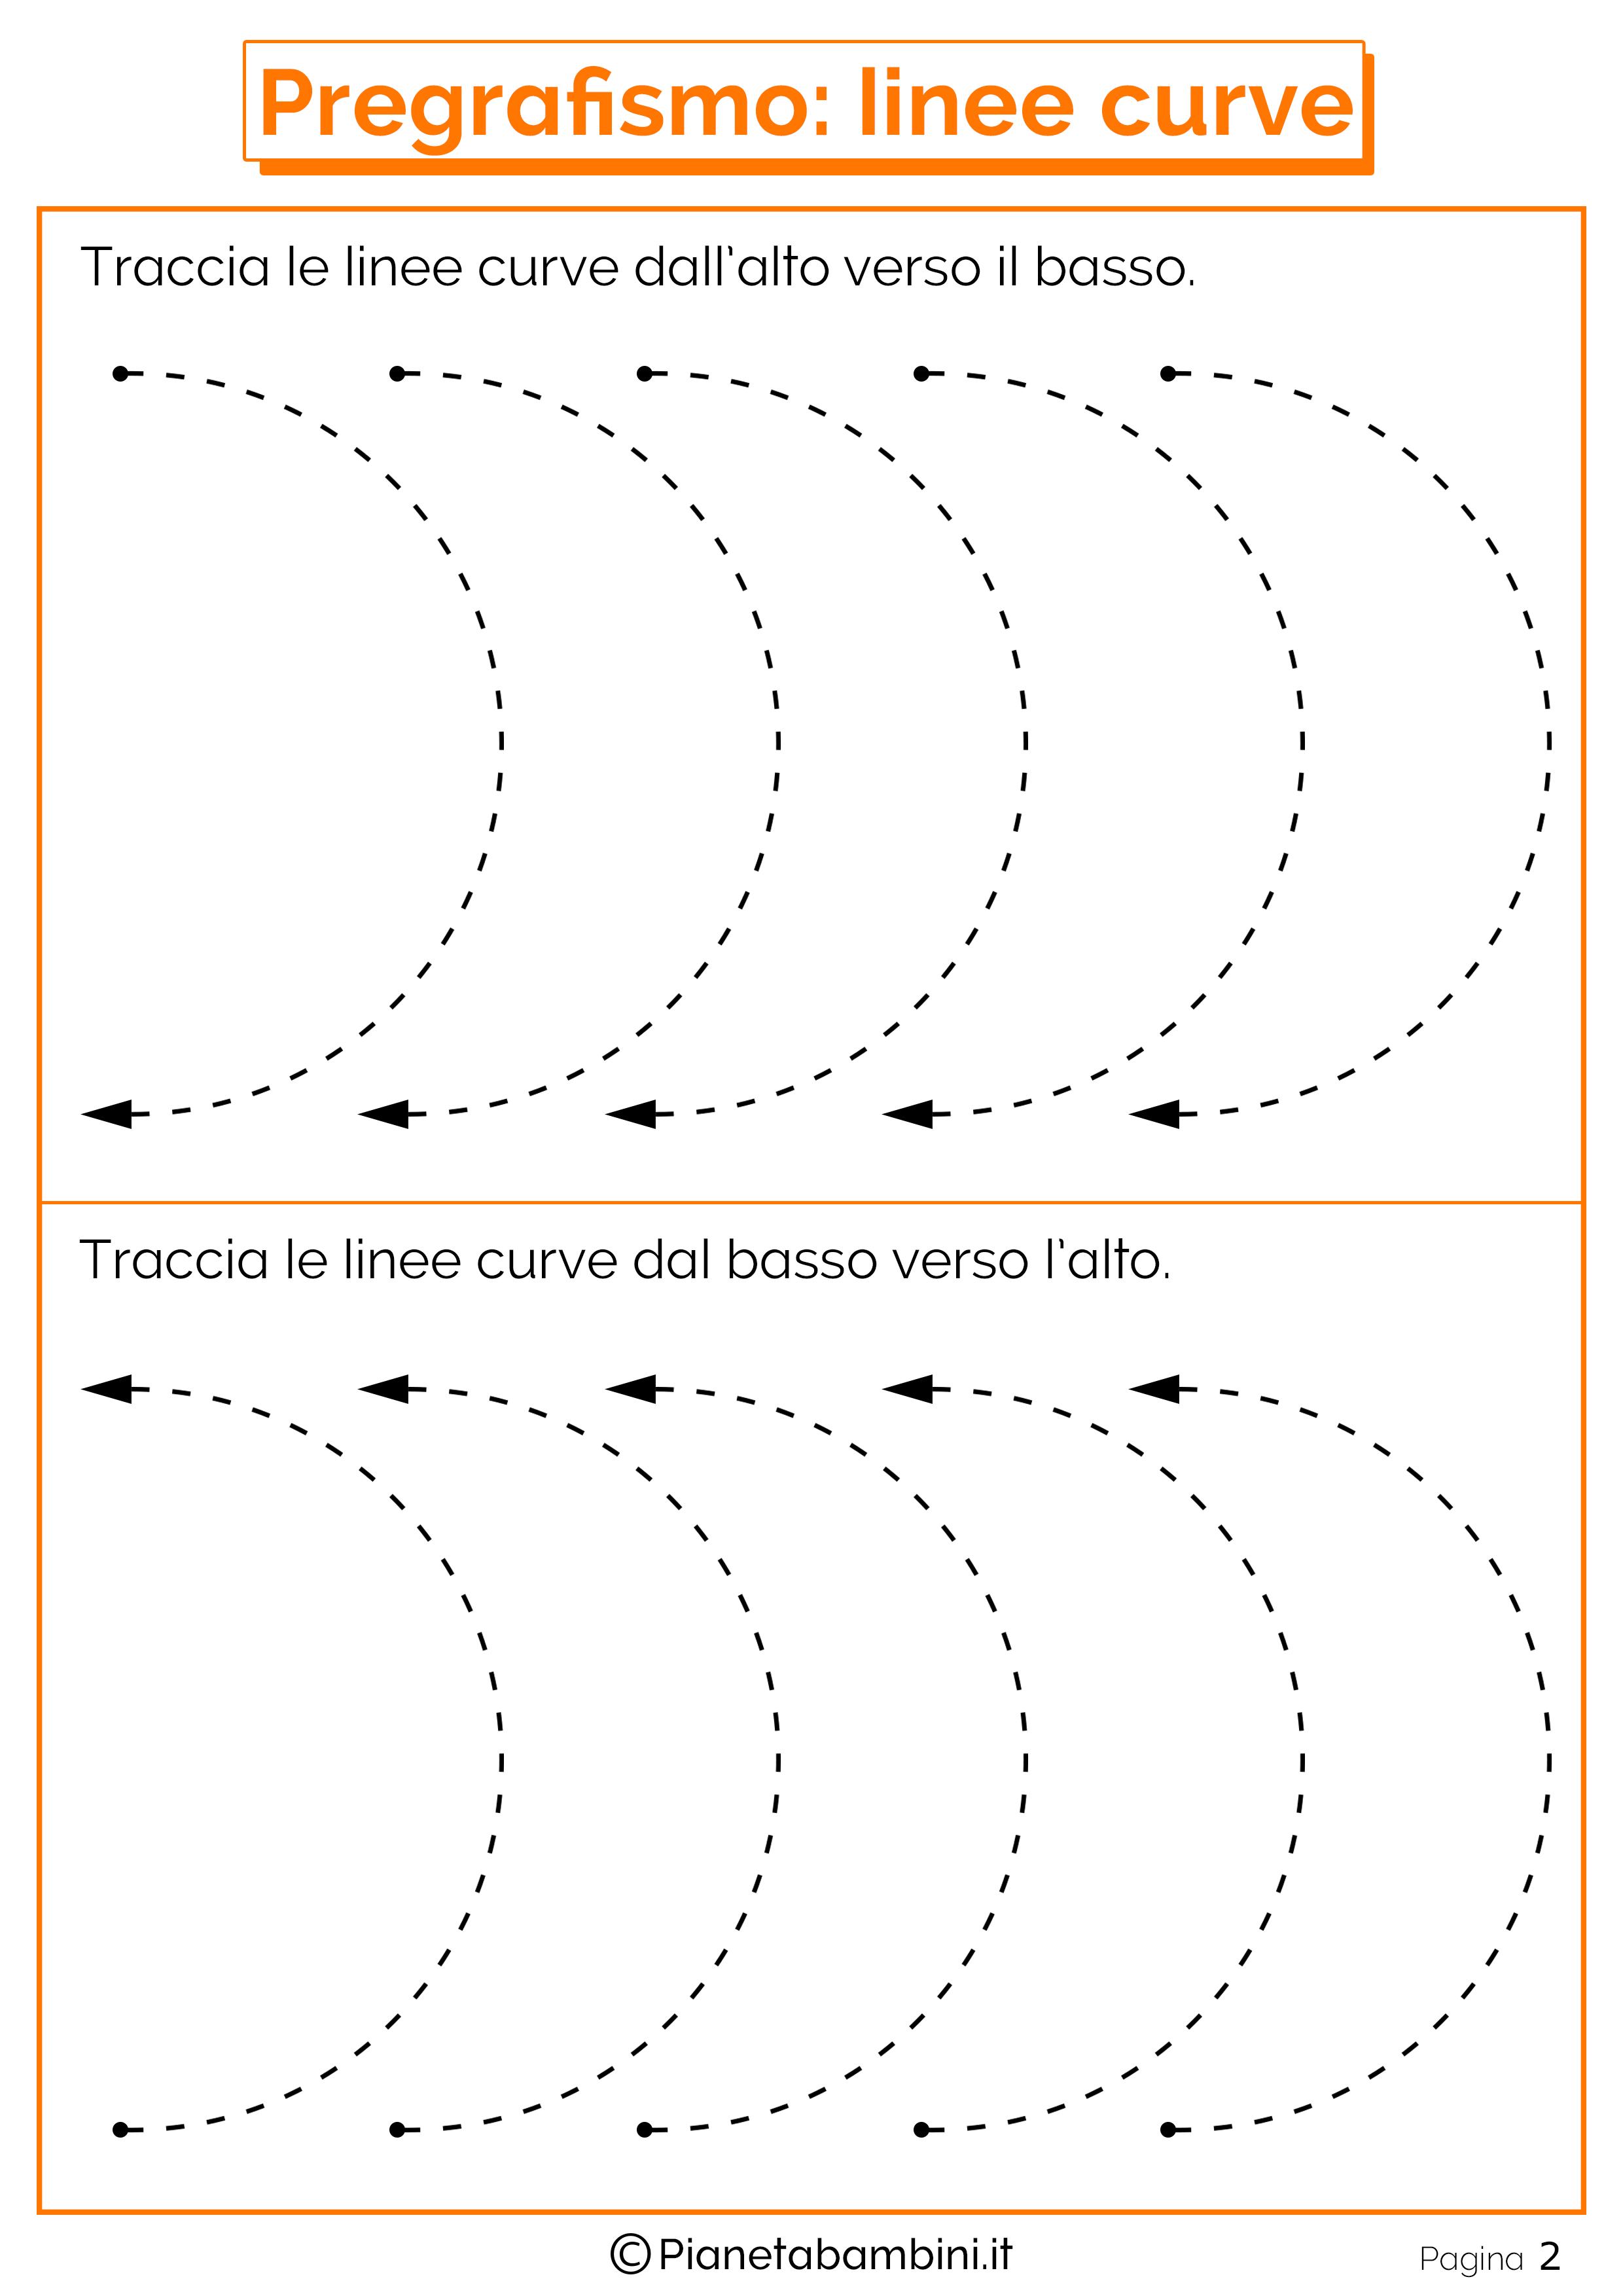 Pregrafismo-Linee-Curve_02